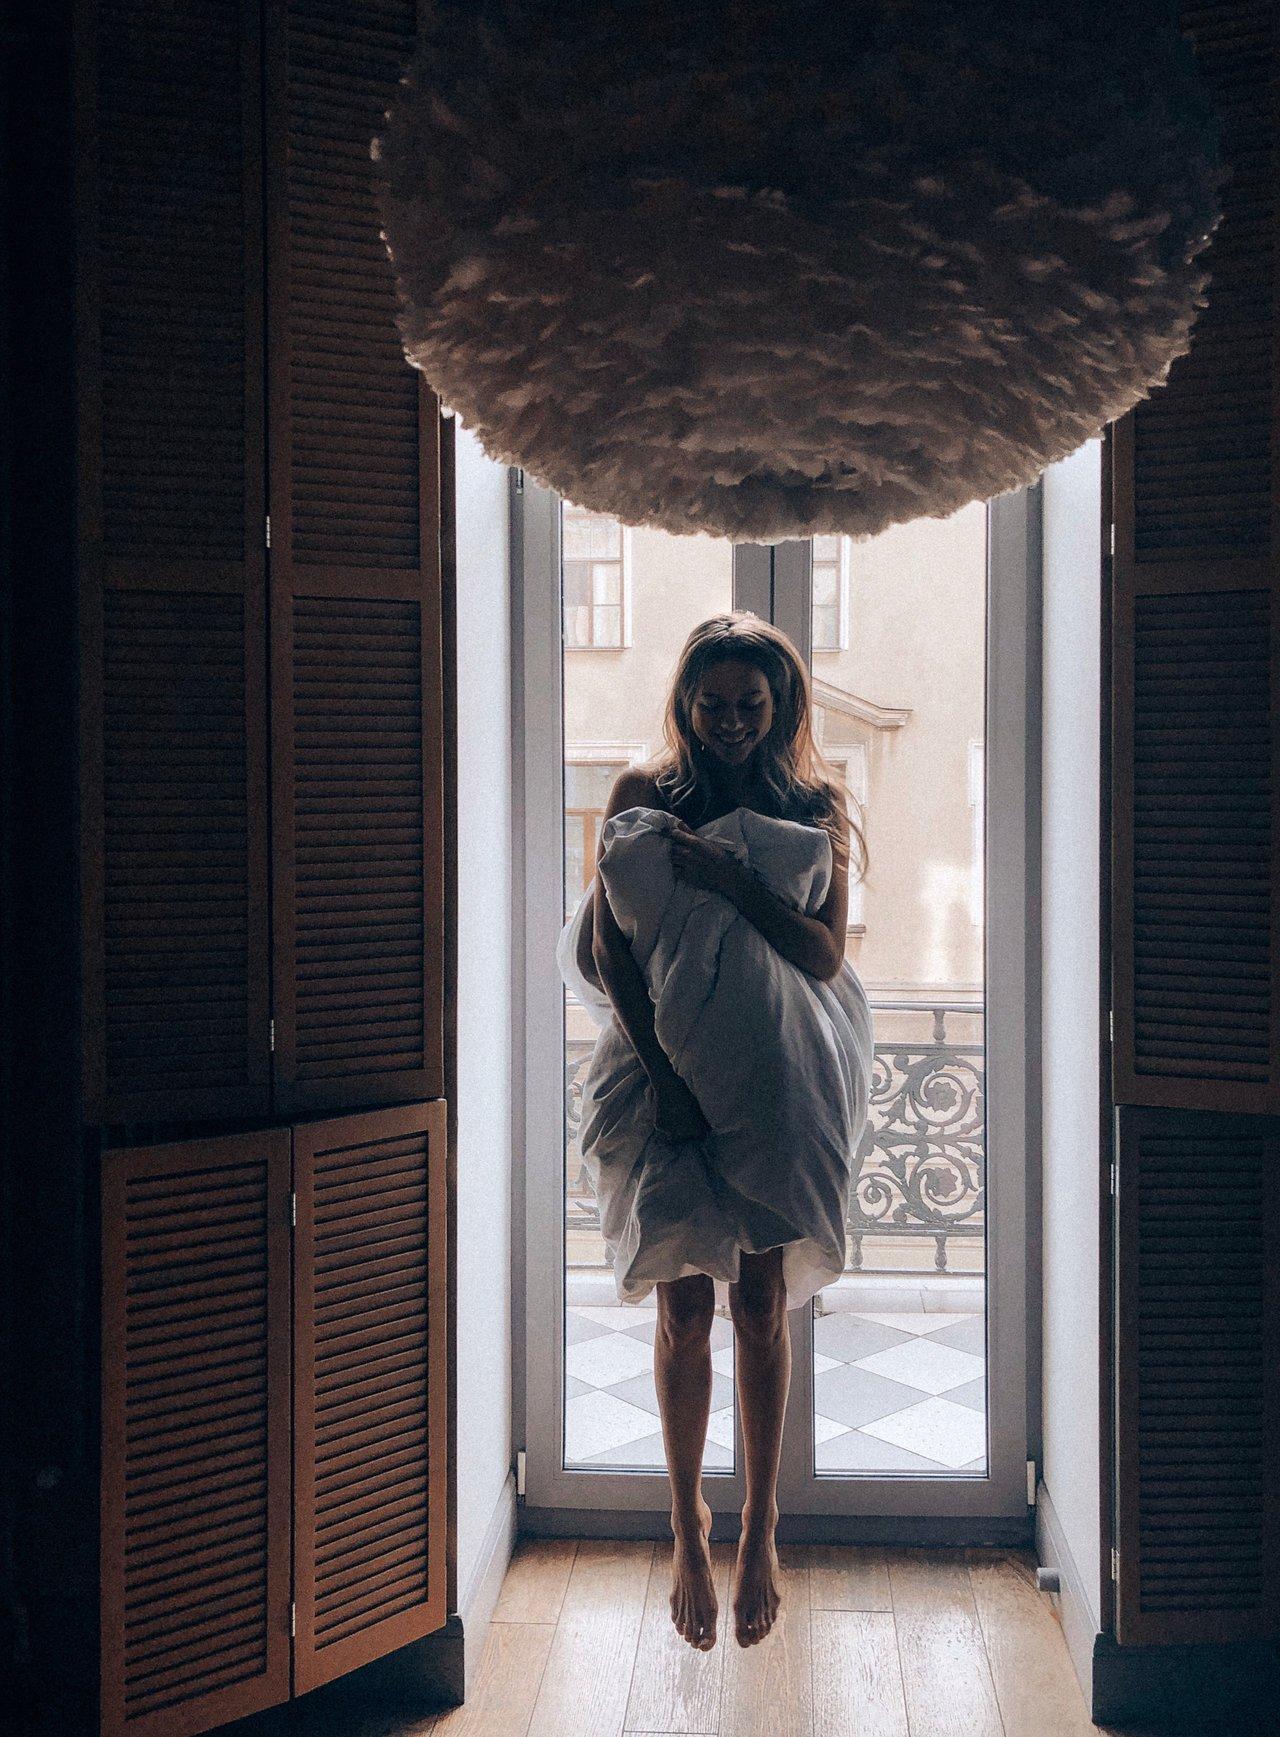 Daria Shevtsova/Pexels